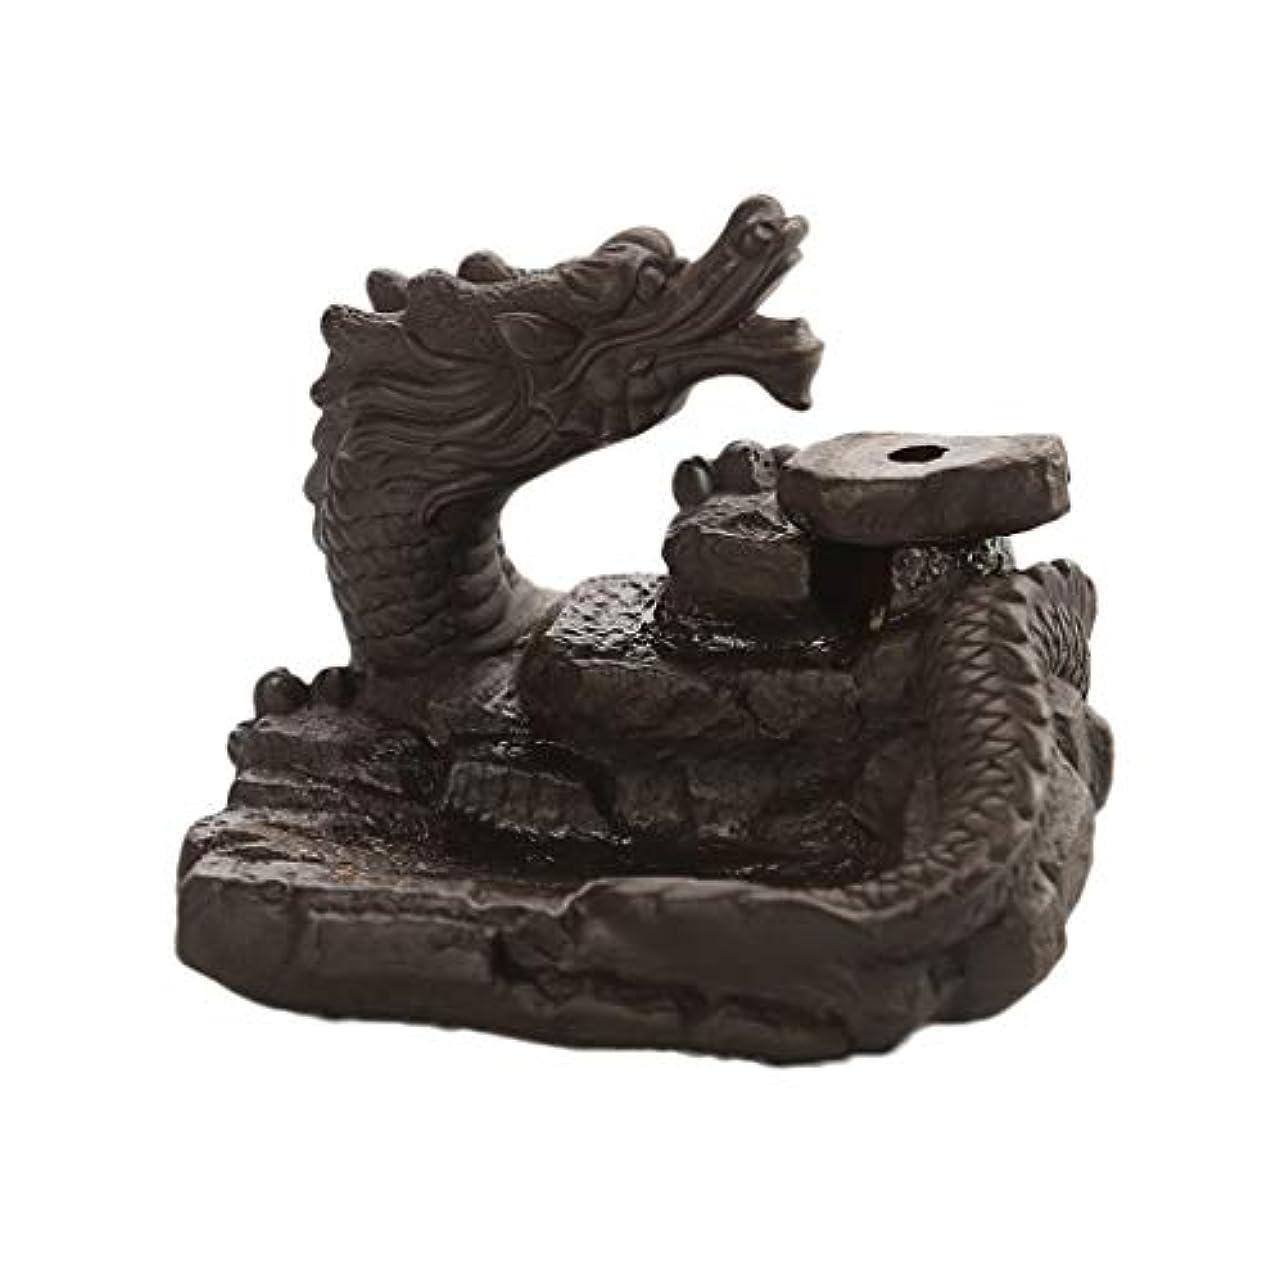 コンプリート輪郭彼女は家の装飾ドラゴン逆流還流香バーナーセラミックスティックホルダーコーンセンサー茶室飾り香炉 芳香器?アロマバーナー (Color : Black, サイズ : 3.46*3.14*2.36 inches)